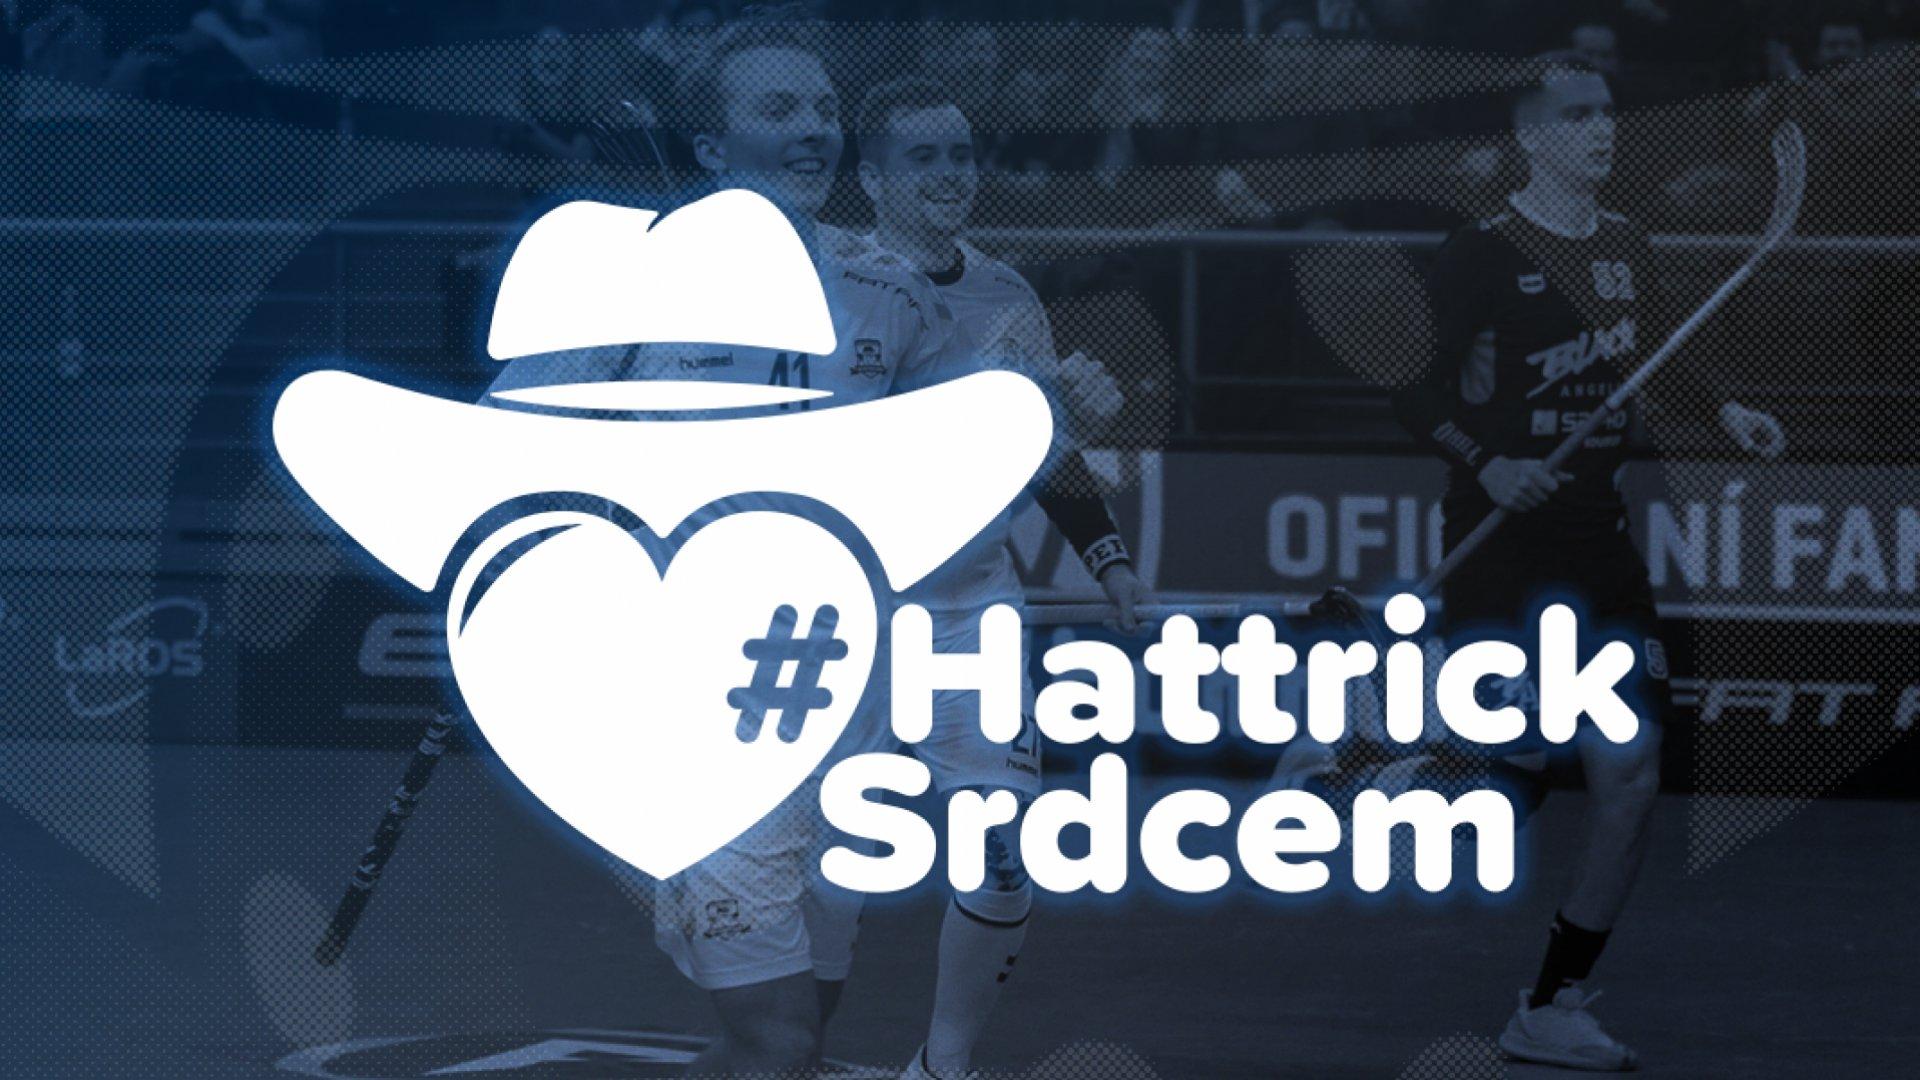 Hattrick srdcem: klub podpoří děti s postižením zraku